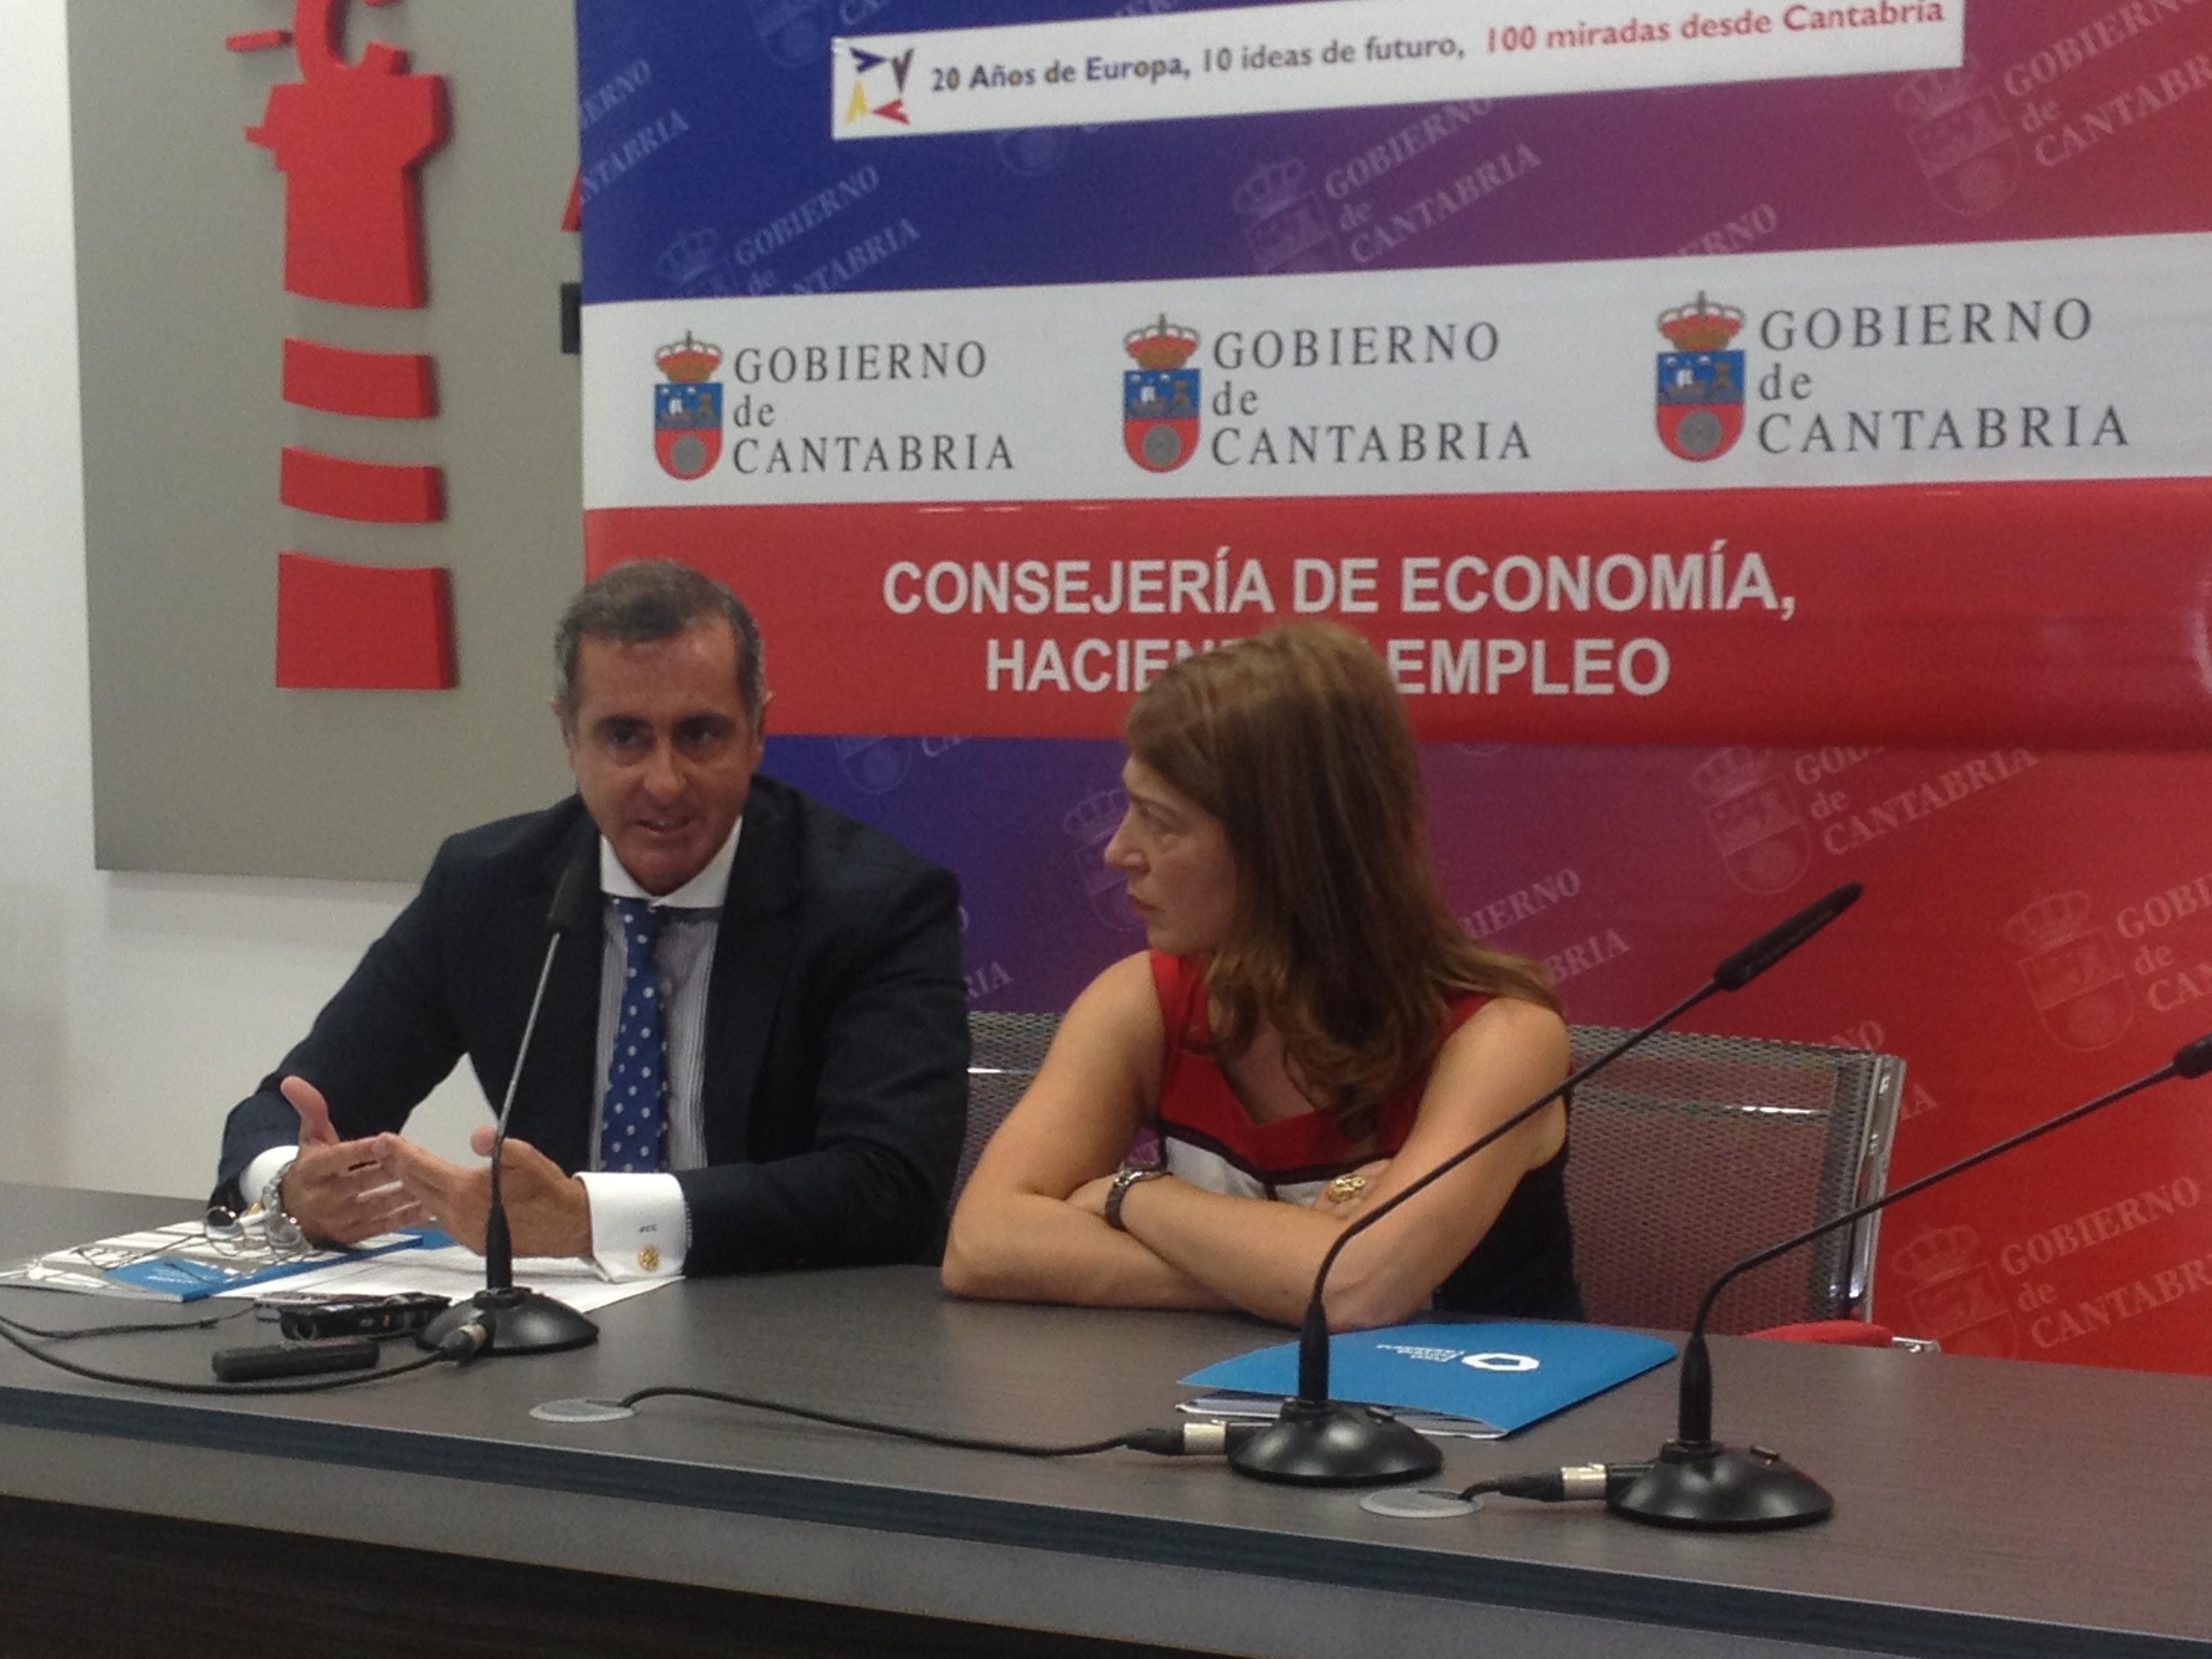 El exceso de regulación europea perjudica a sectores con gran implantación en Cantabria